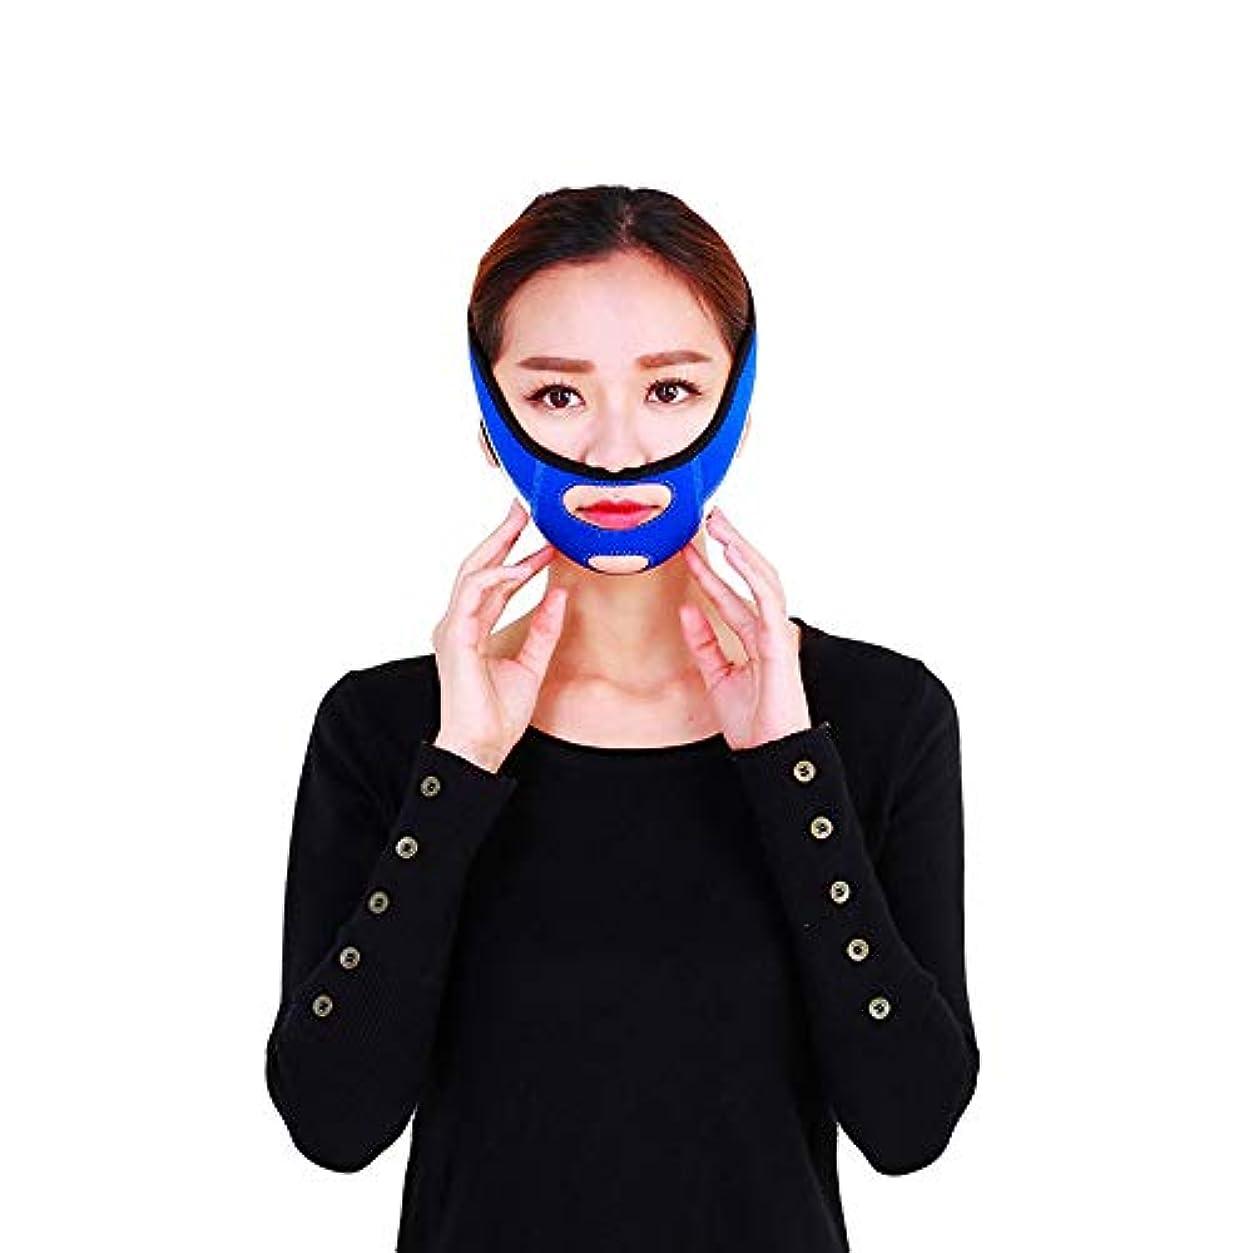 ペナルティバーマドコークスフェイスリフトベルト 顔を持ち上げるベルト - 顔を持ち上げる包帯は、上顎顔面修正ツールを強力に強化し、顔面マスクのV字形の人工物